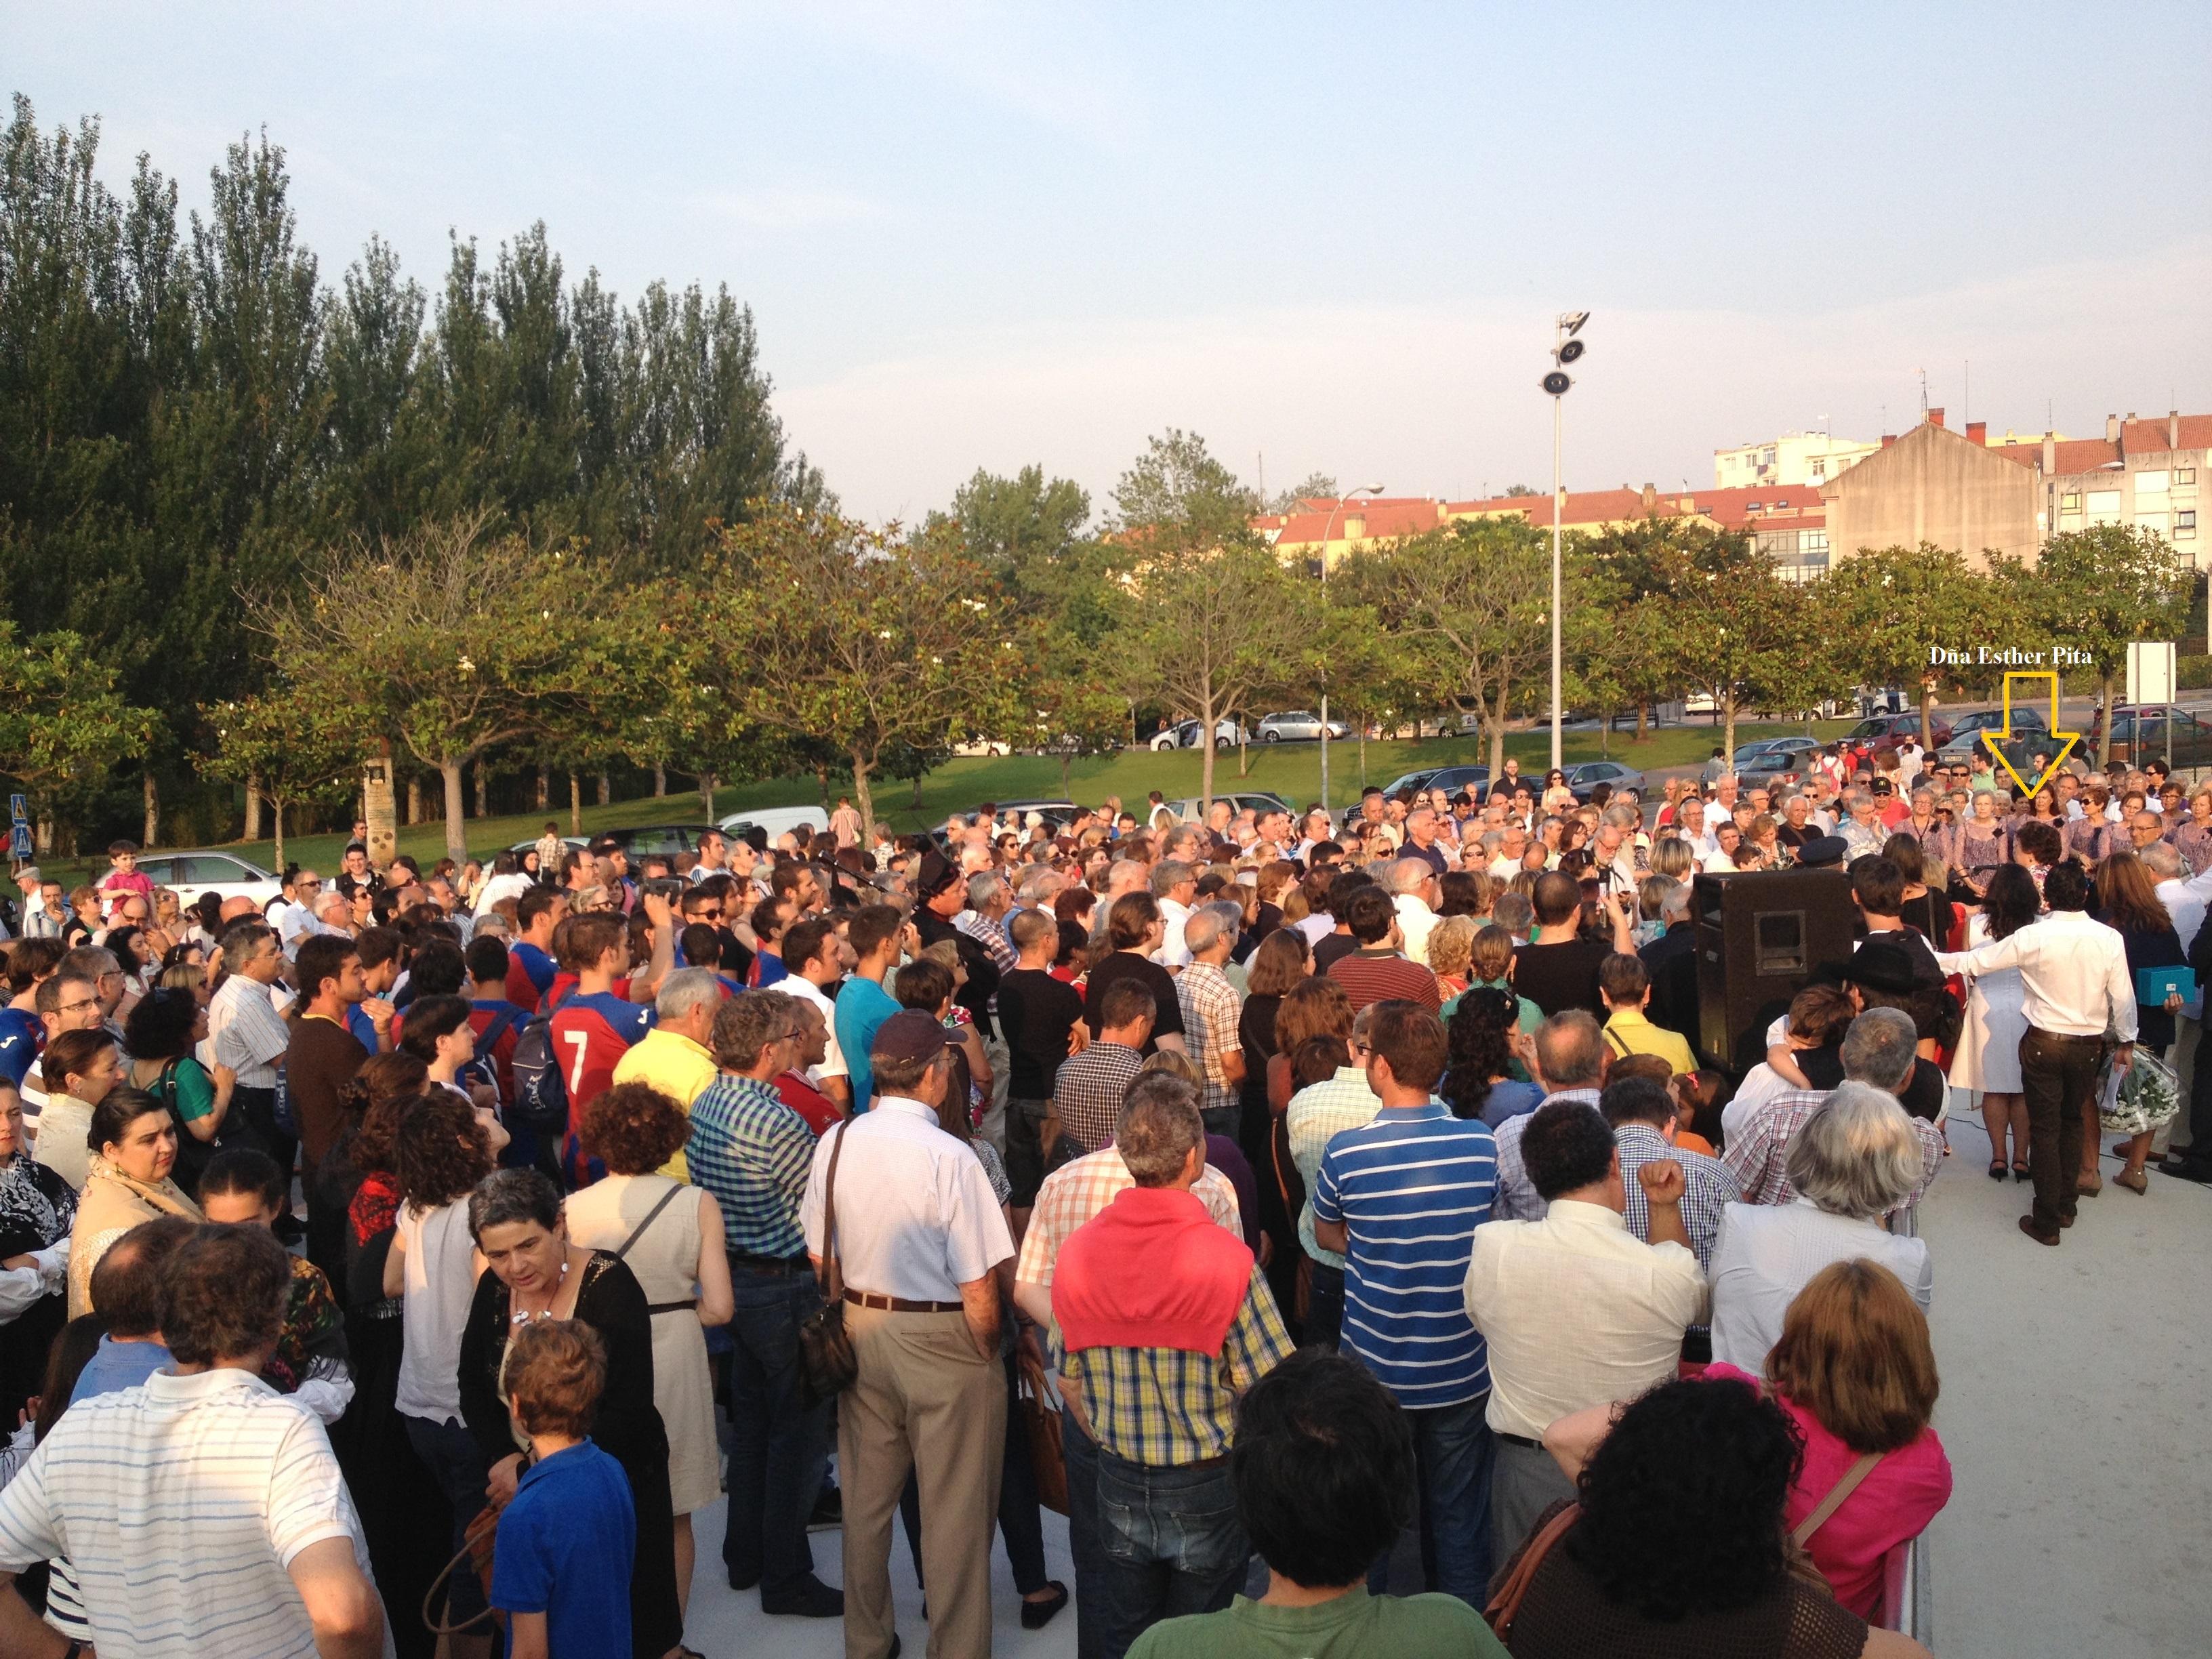 Mas de 700 personas se dan cita en el homenaje a Esther Pita